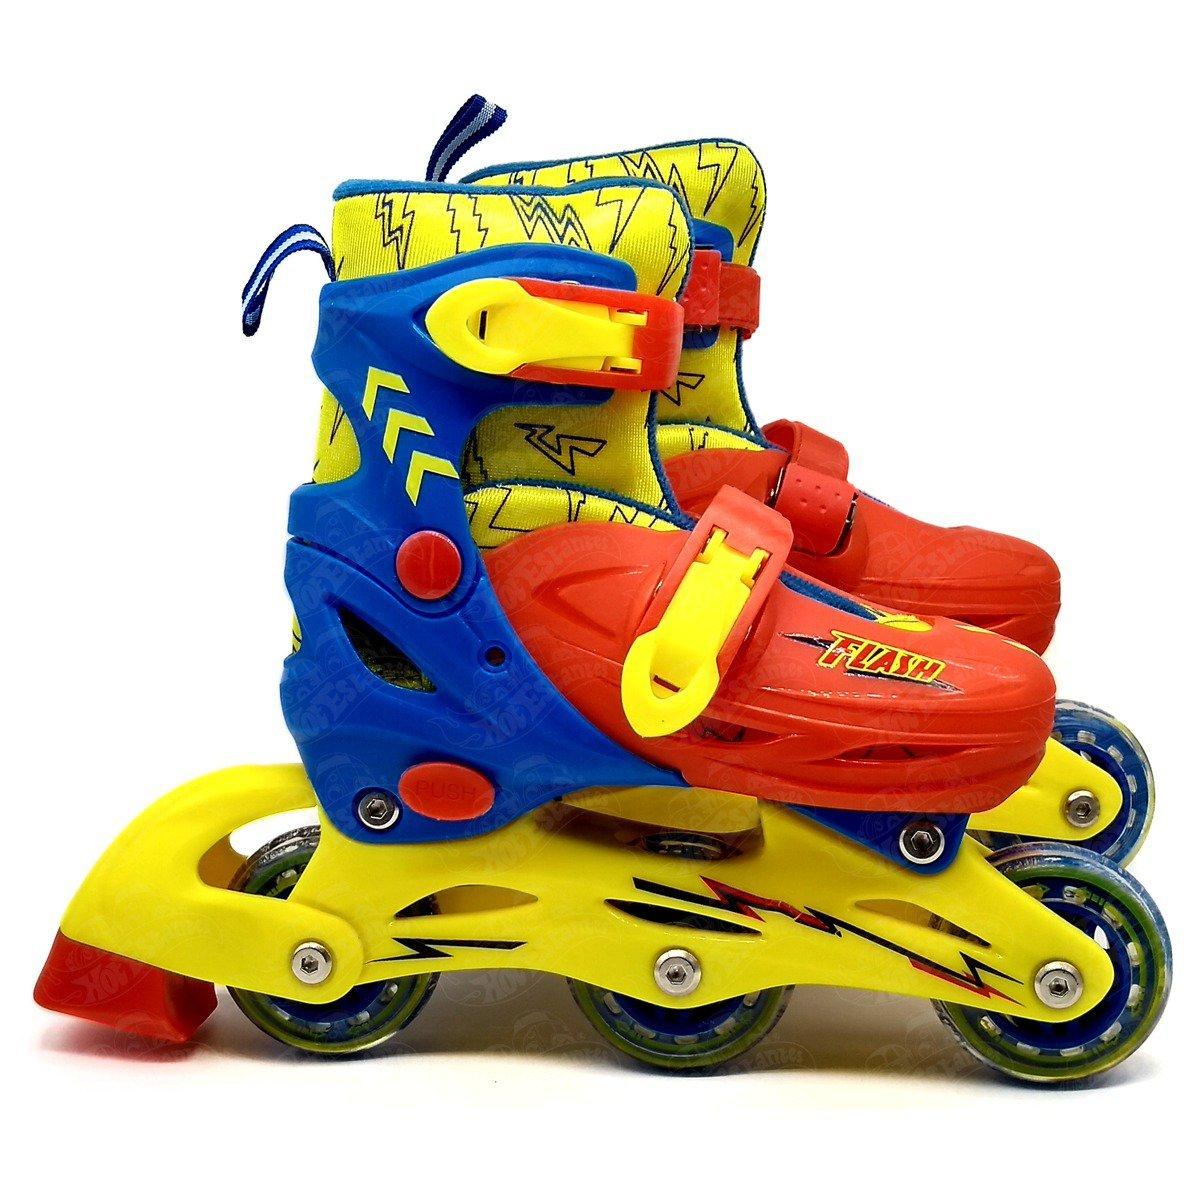 Kit Patins Infantil Roller E Acessórios De Proteção Azul E Amarelo 28-31 - Bbr R2629